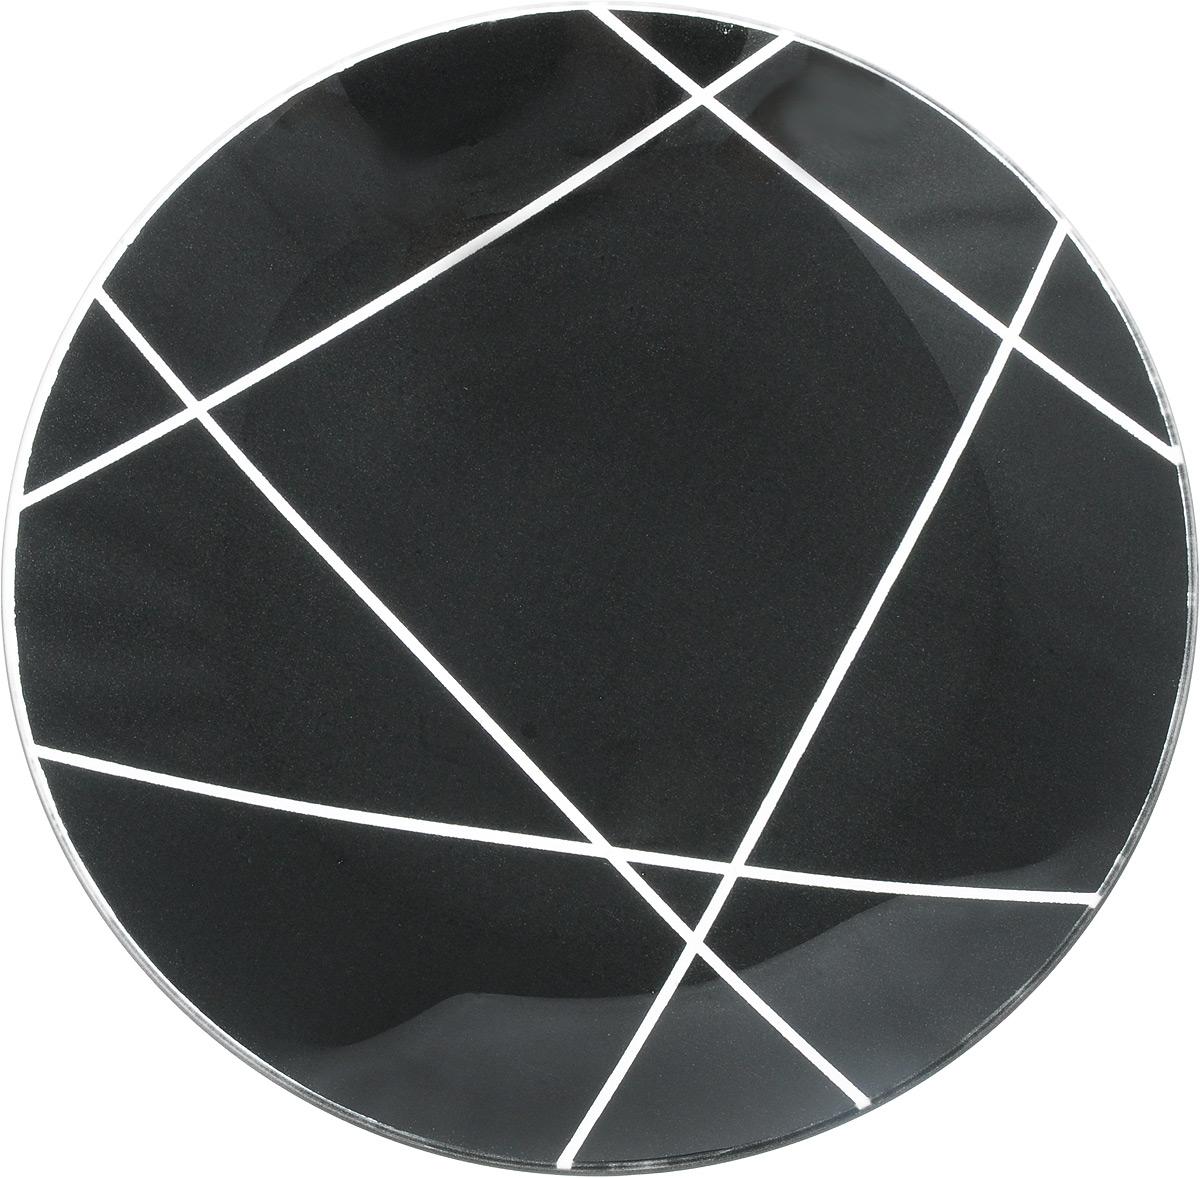 Тарелка NiNaGlass Контур, цвет: черный, диаметр 20 см85-200-002/чернКруглая тарелка NiNaGlass Контур, изготовленная из стекла, декорирована оригинальным рисунком. Она не только украсит сервировку вашего стола и подчеркнет прекрасный вкус хозяйки, но и станет отличным подарком. Диаметр: 20 см. Высота: 3 см.